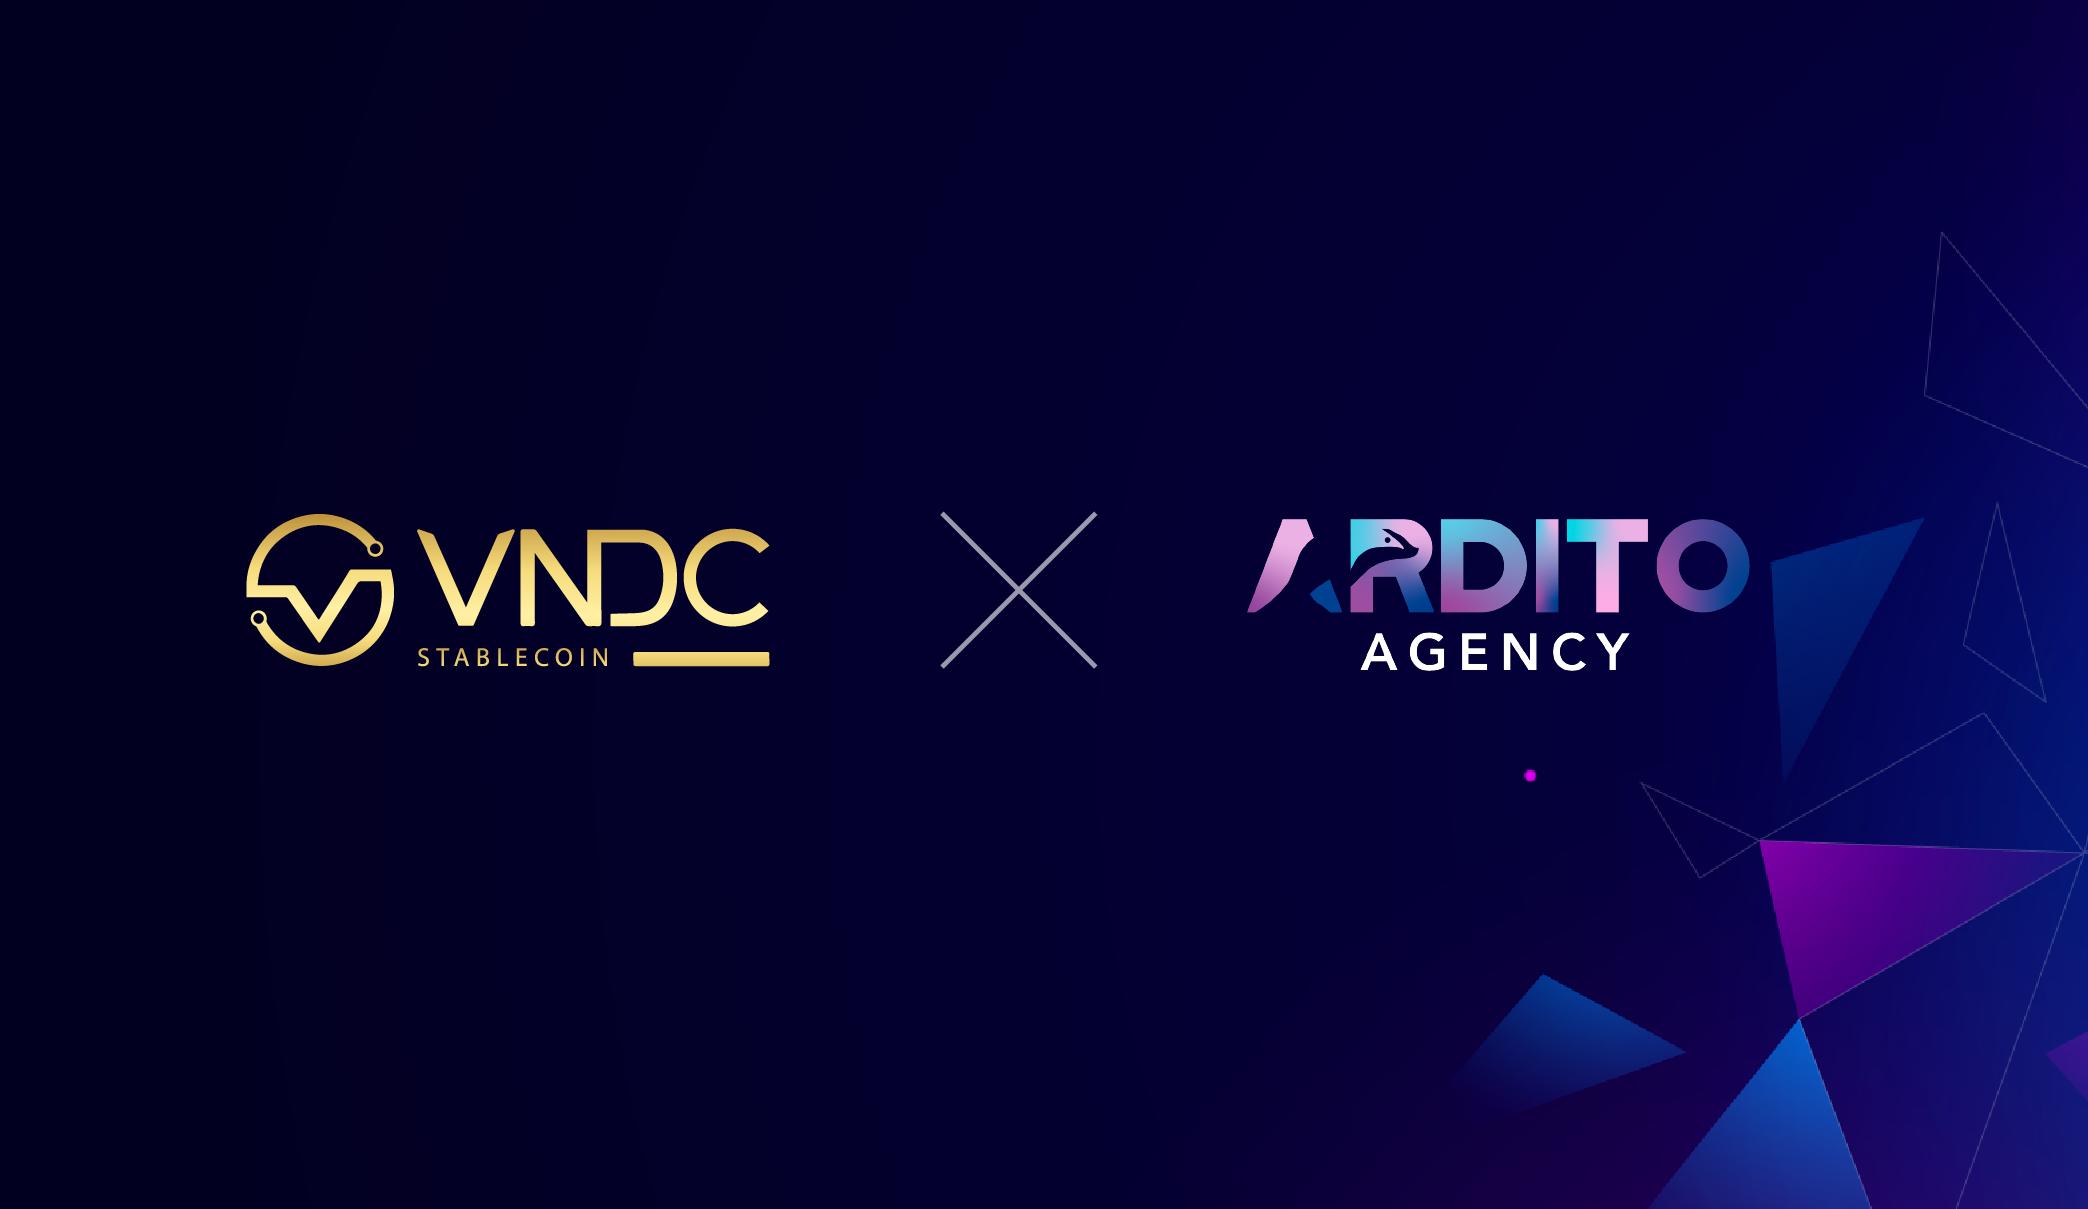 VNDC x Ardito Agency: Hợp tác triển khai Khoá học Trade Coin Nhập Môn